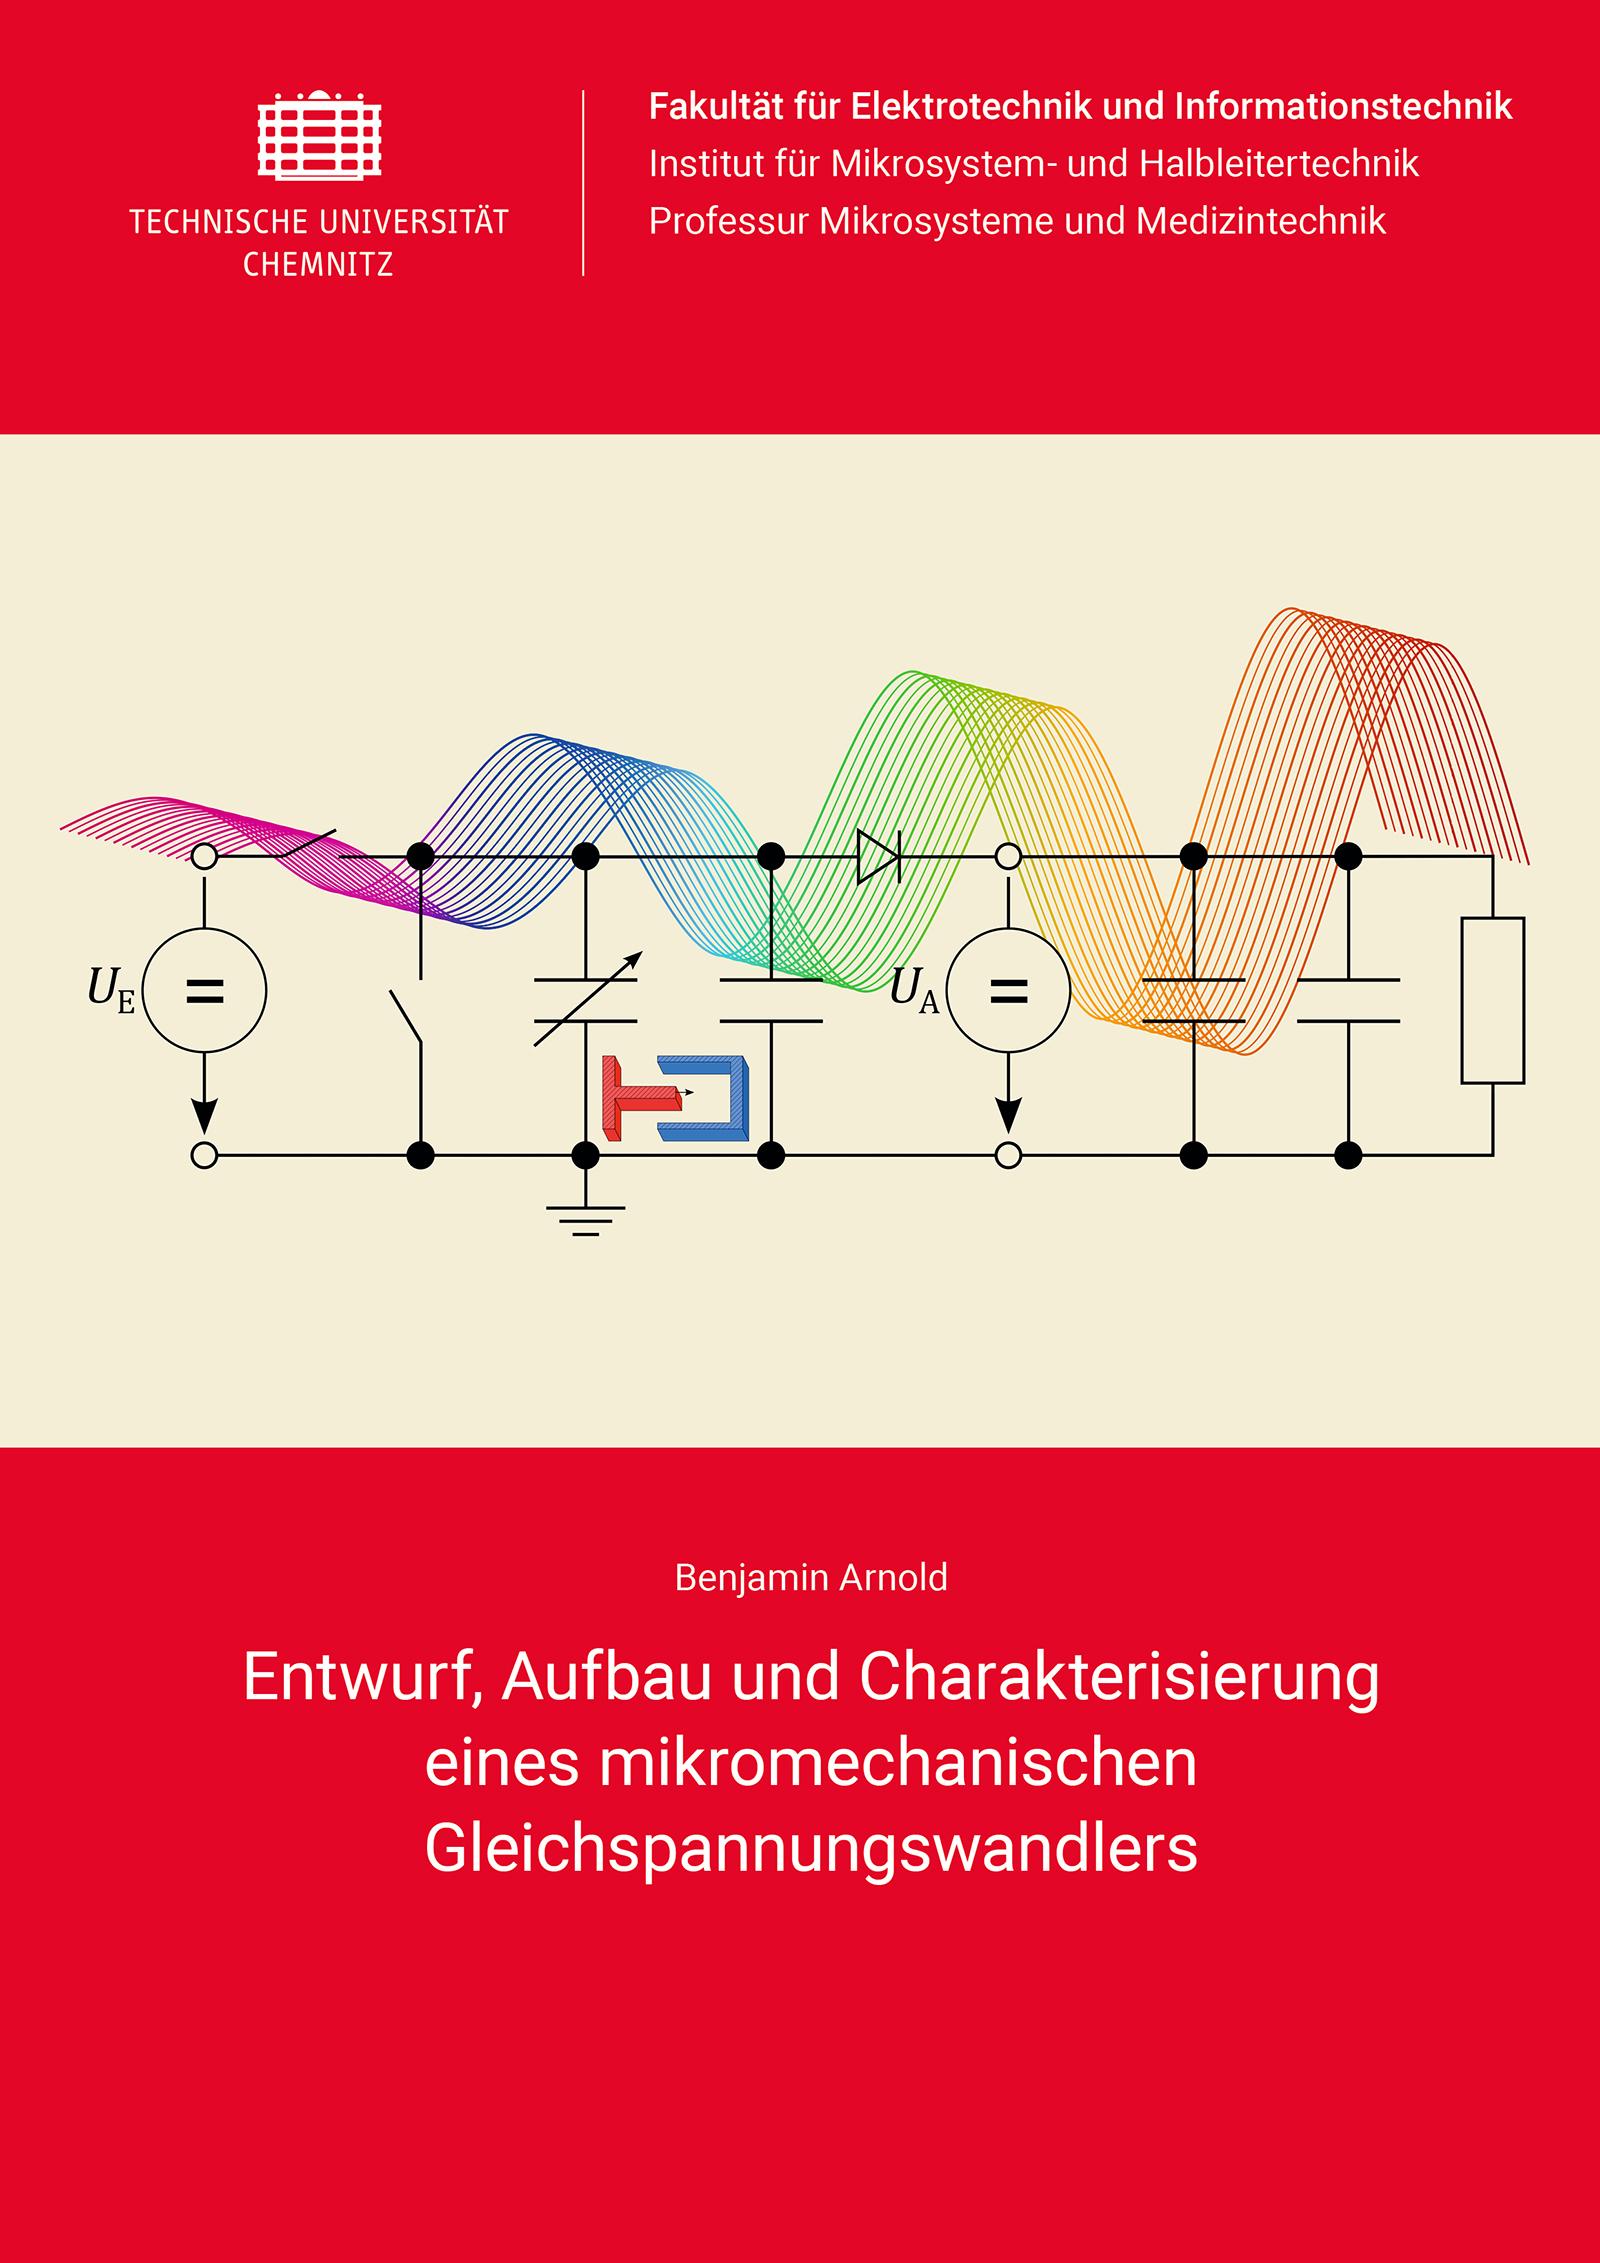 Cover: Entwurf, Aufbau und Charakterisierung eines mikromechanischen Gleichspannungswandlers